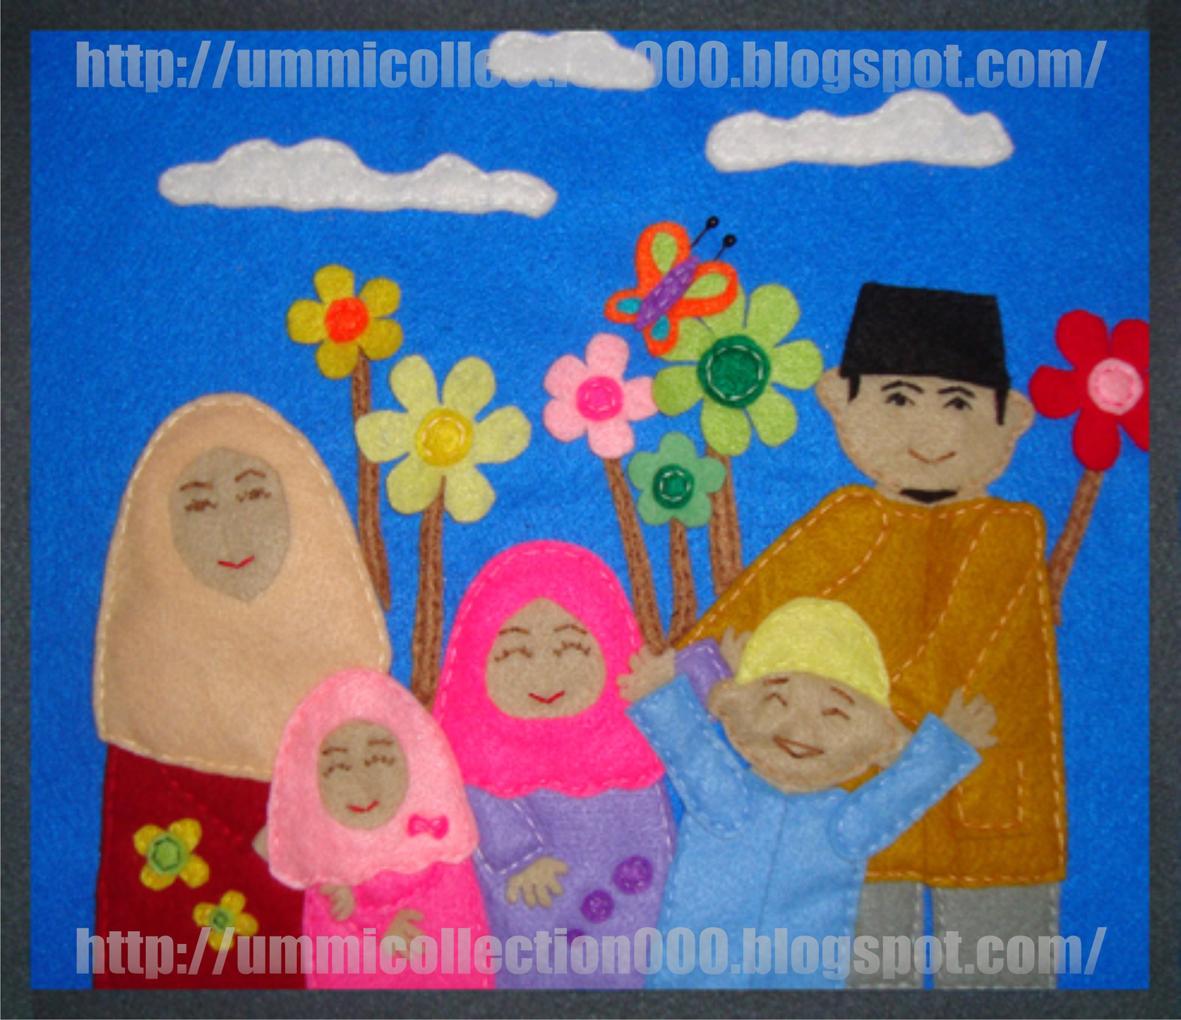 http://4.bp.blogspot.com/-NIPuOut-FmU/Tx3-lIsjiJI/AAAAAAAADG8/LgpWTcakZM8/s1600/Wallpaper+Flanel.jpg